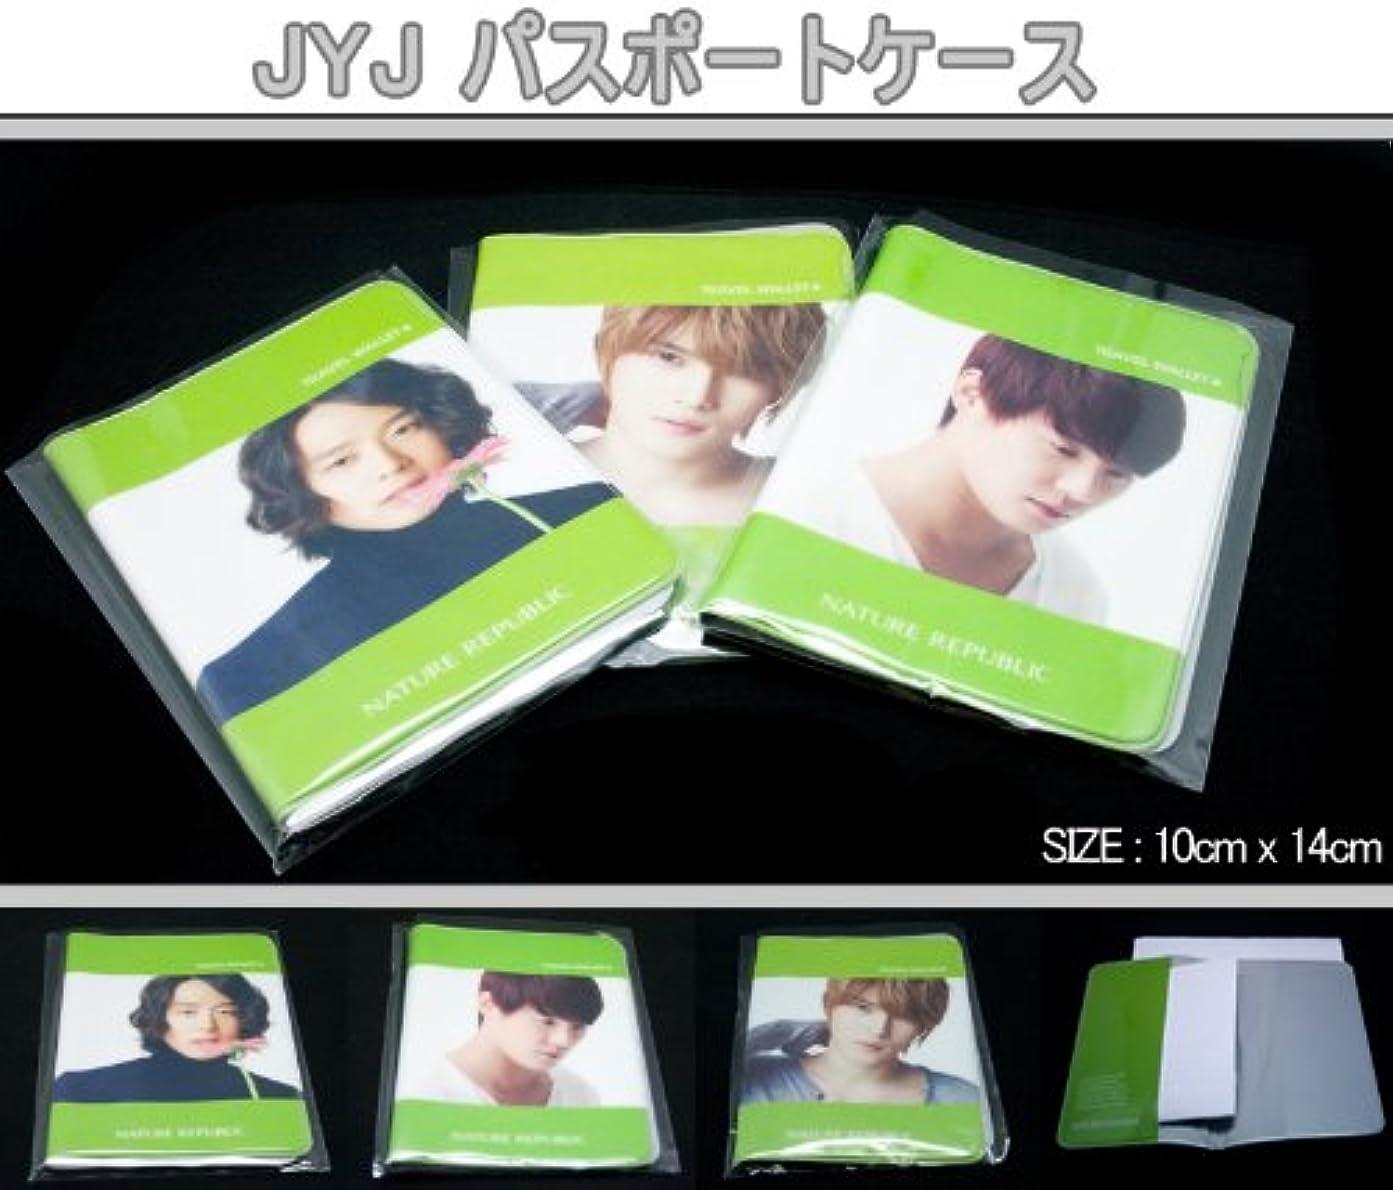 教える匹敵しますゴルフ限定/韓流 NATURE REPUBLIC JYJ 3種セットEMS配送 JYJ パスポートケース3タイプ+JYJ多用途バック+JYJ POSTCARD